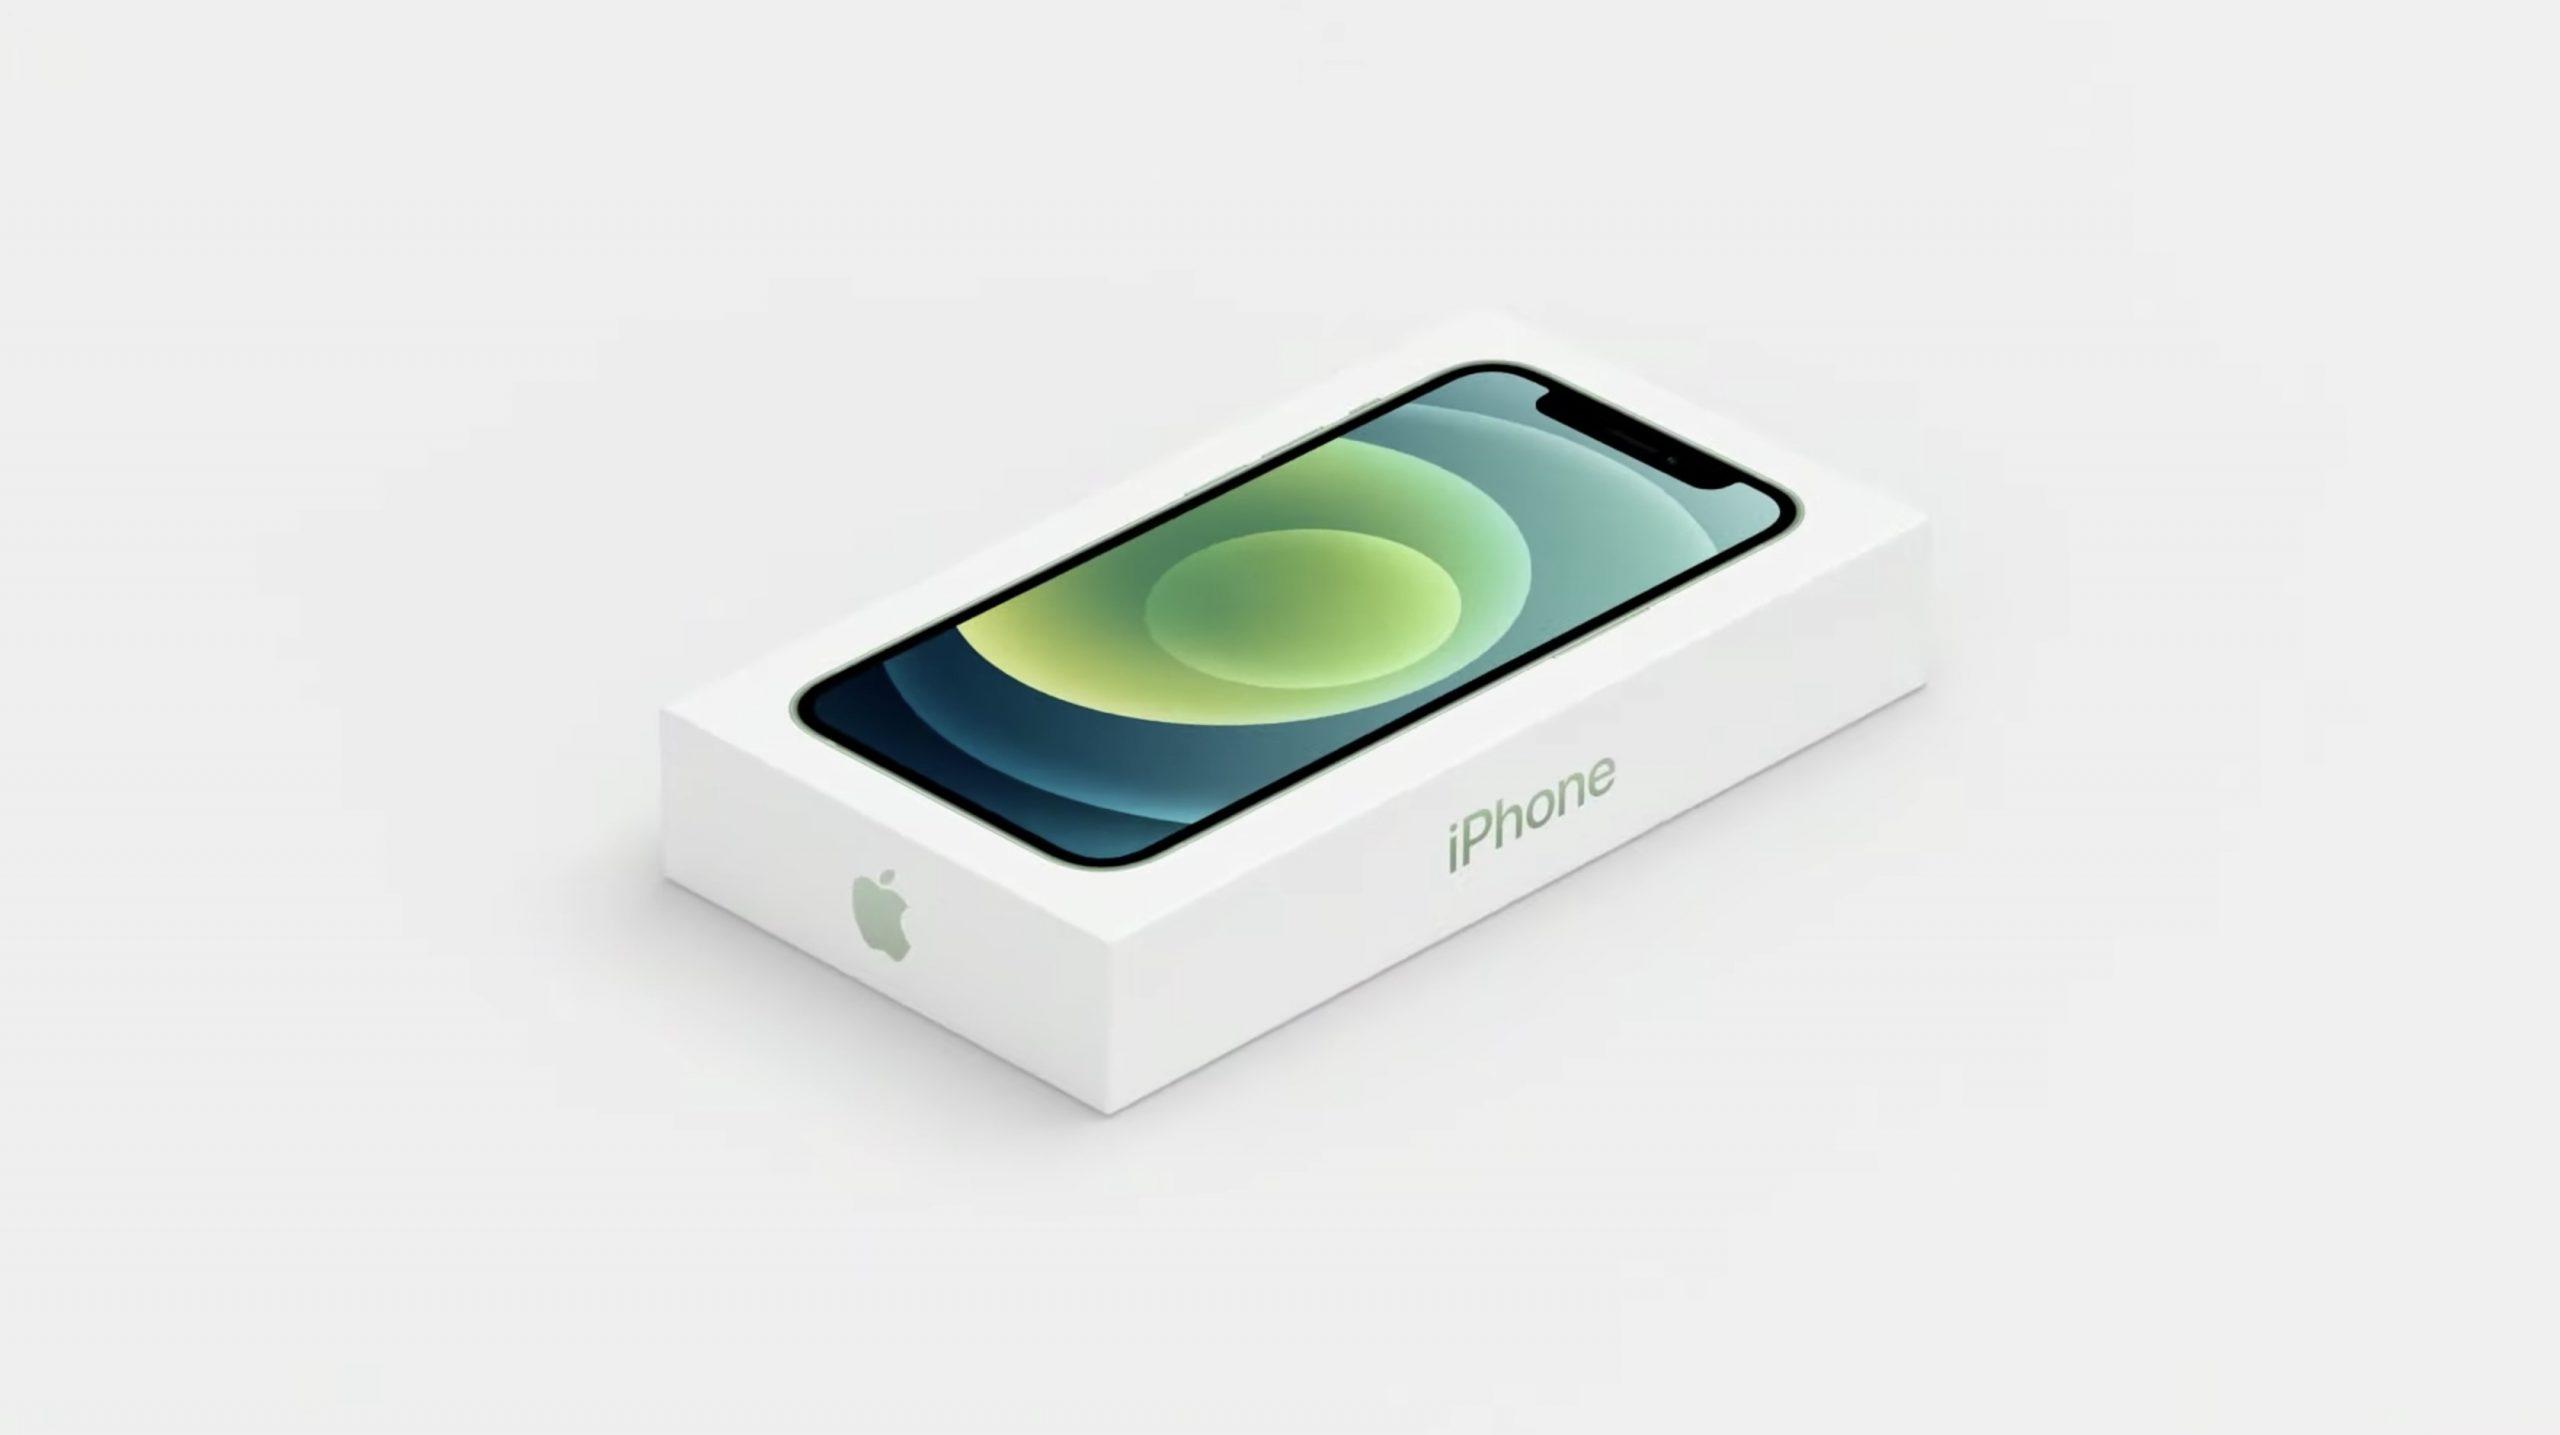 IPhone packaging 12.